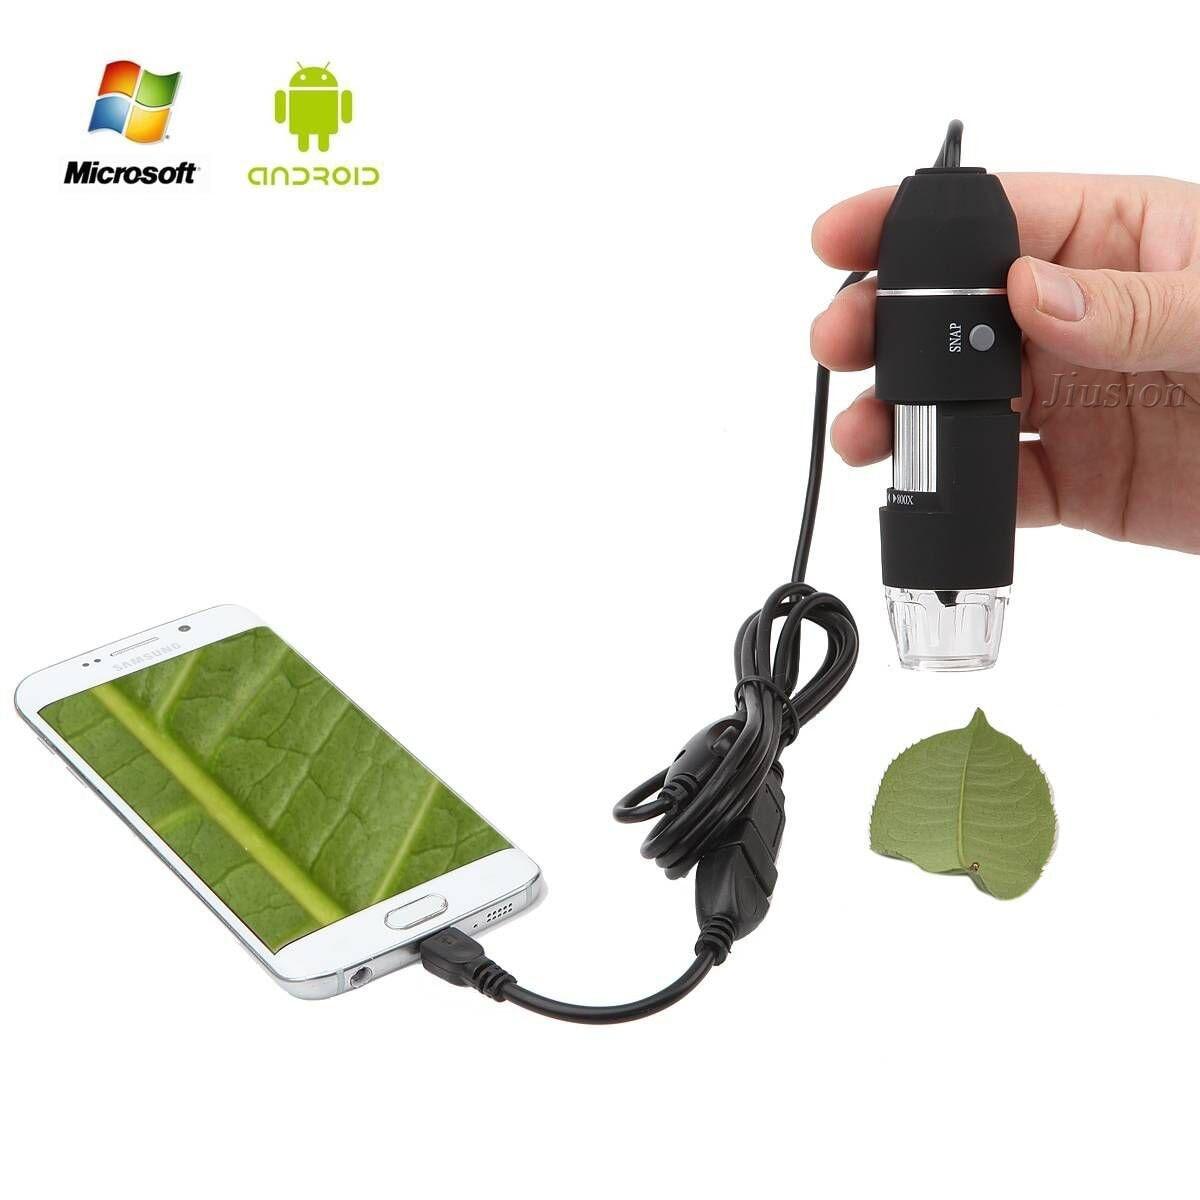 500x 800x 1000x USB Digital Mikroskop Kamera Tragbare Vergrößerung Endoskop OTG Stehen für Samsung Android Mobile Fenster Mac